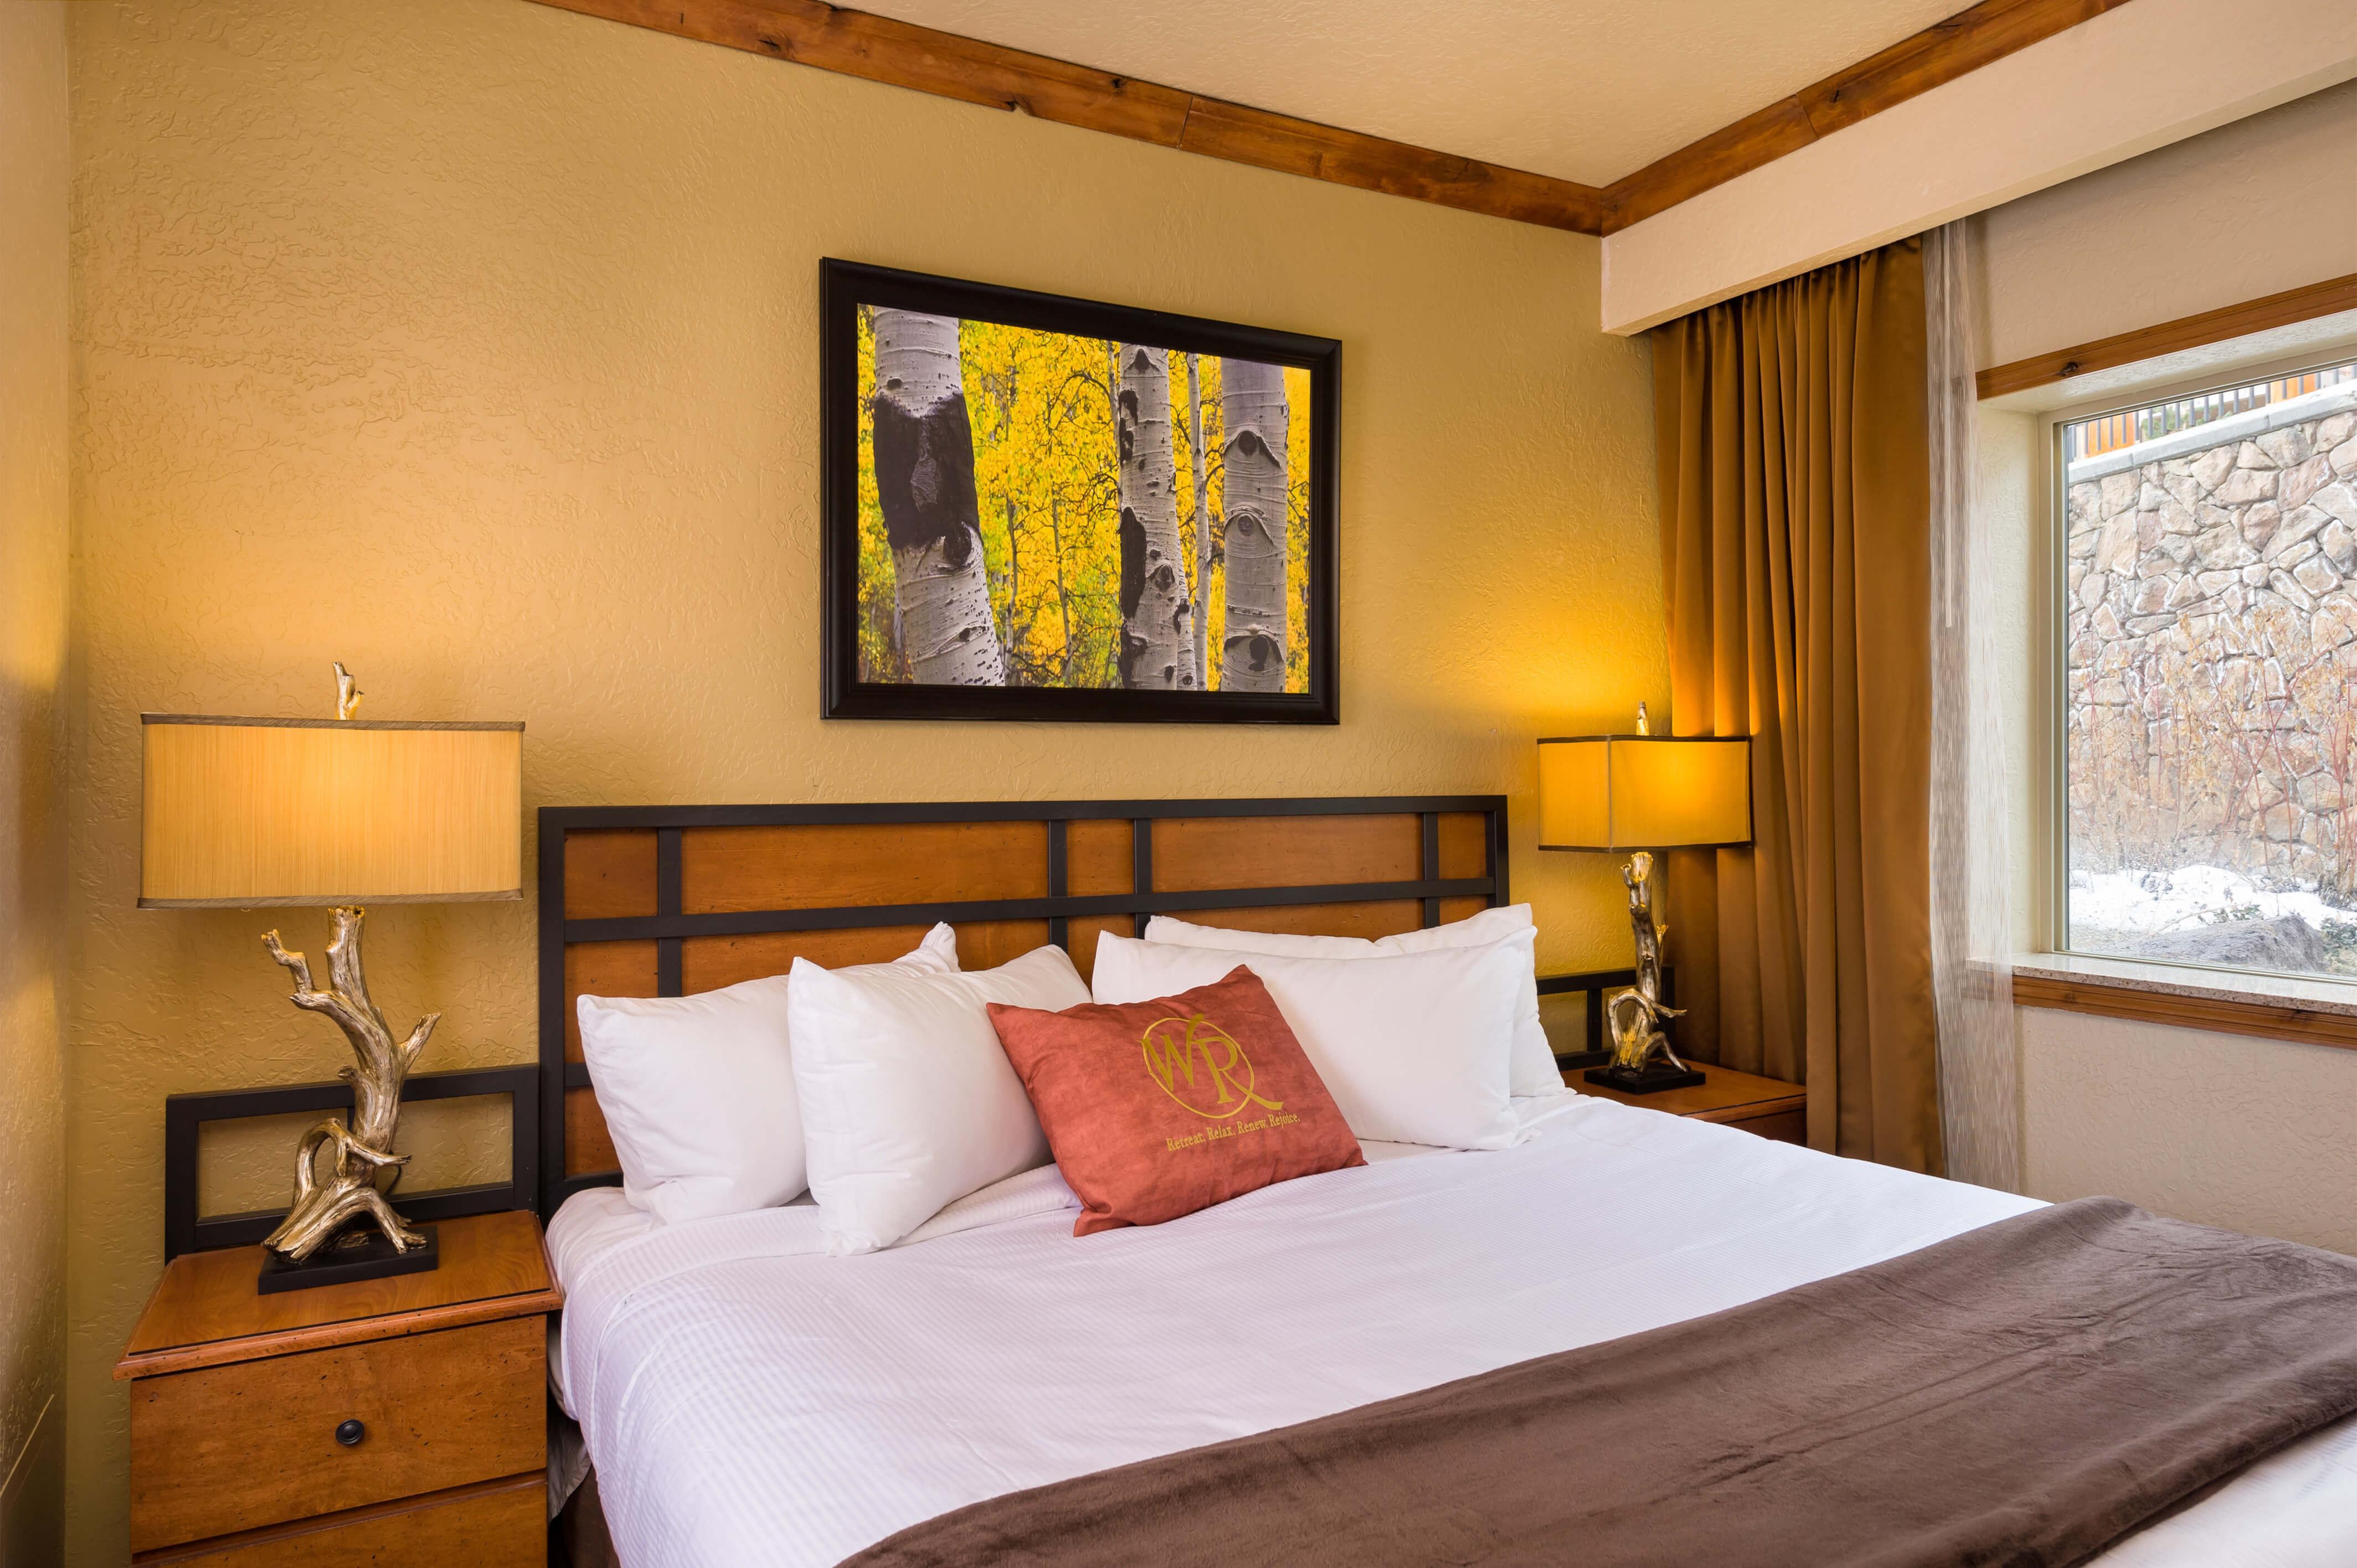 westgate park city ski resort accommodations